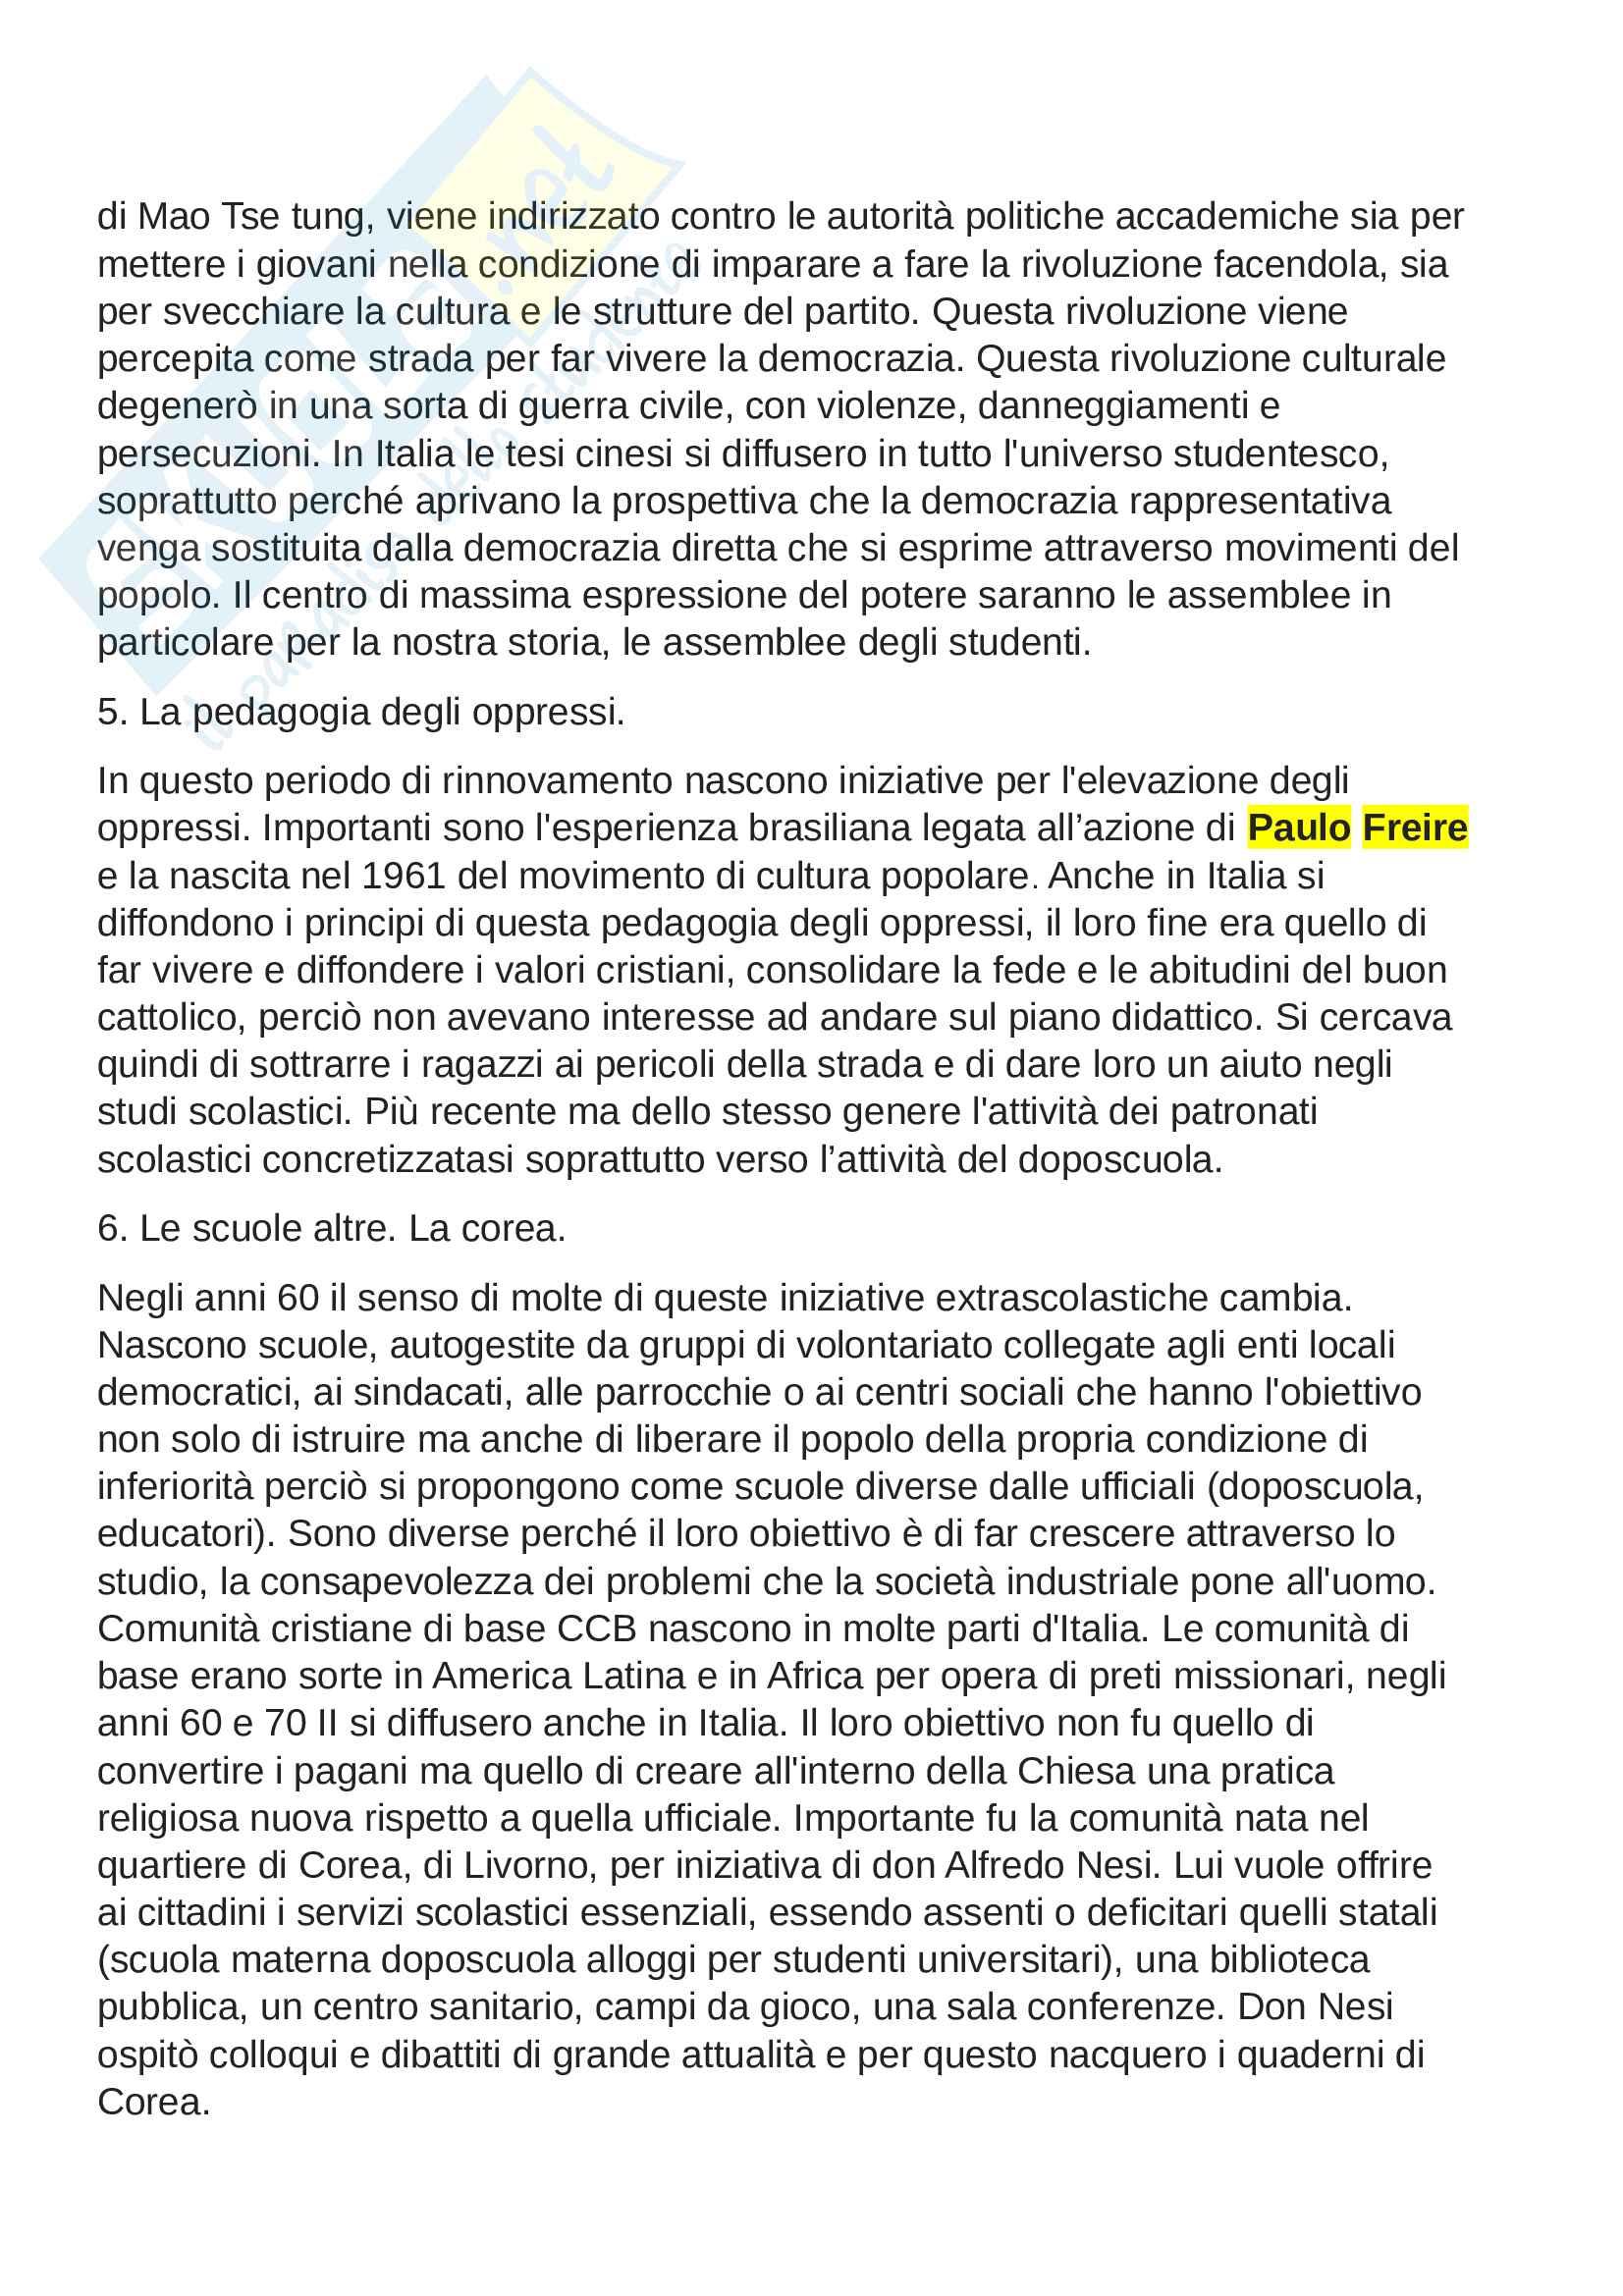 Riassunto esame storia dell'educazione e del sistema scolastico, prof.d'Arcangeli, libro consigliato La scuola della Repubblica, un ideale non realizzato, Alberti, A. Pag. 21